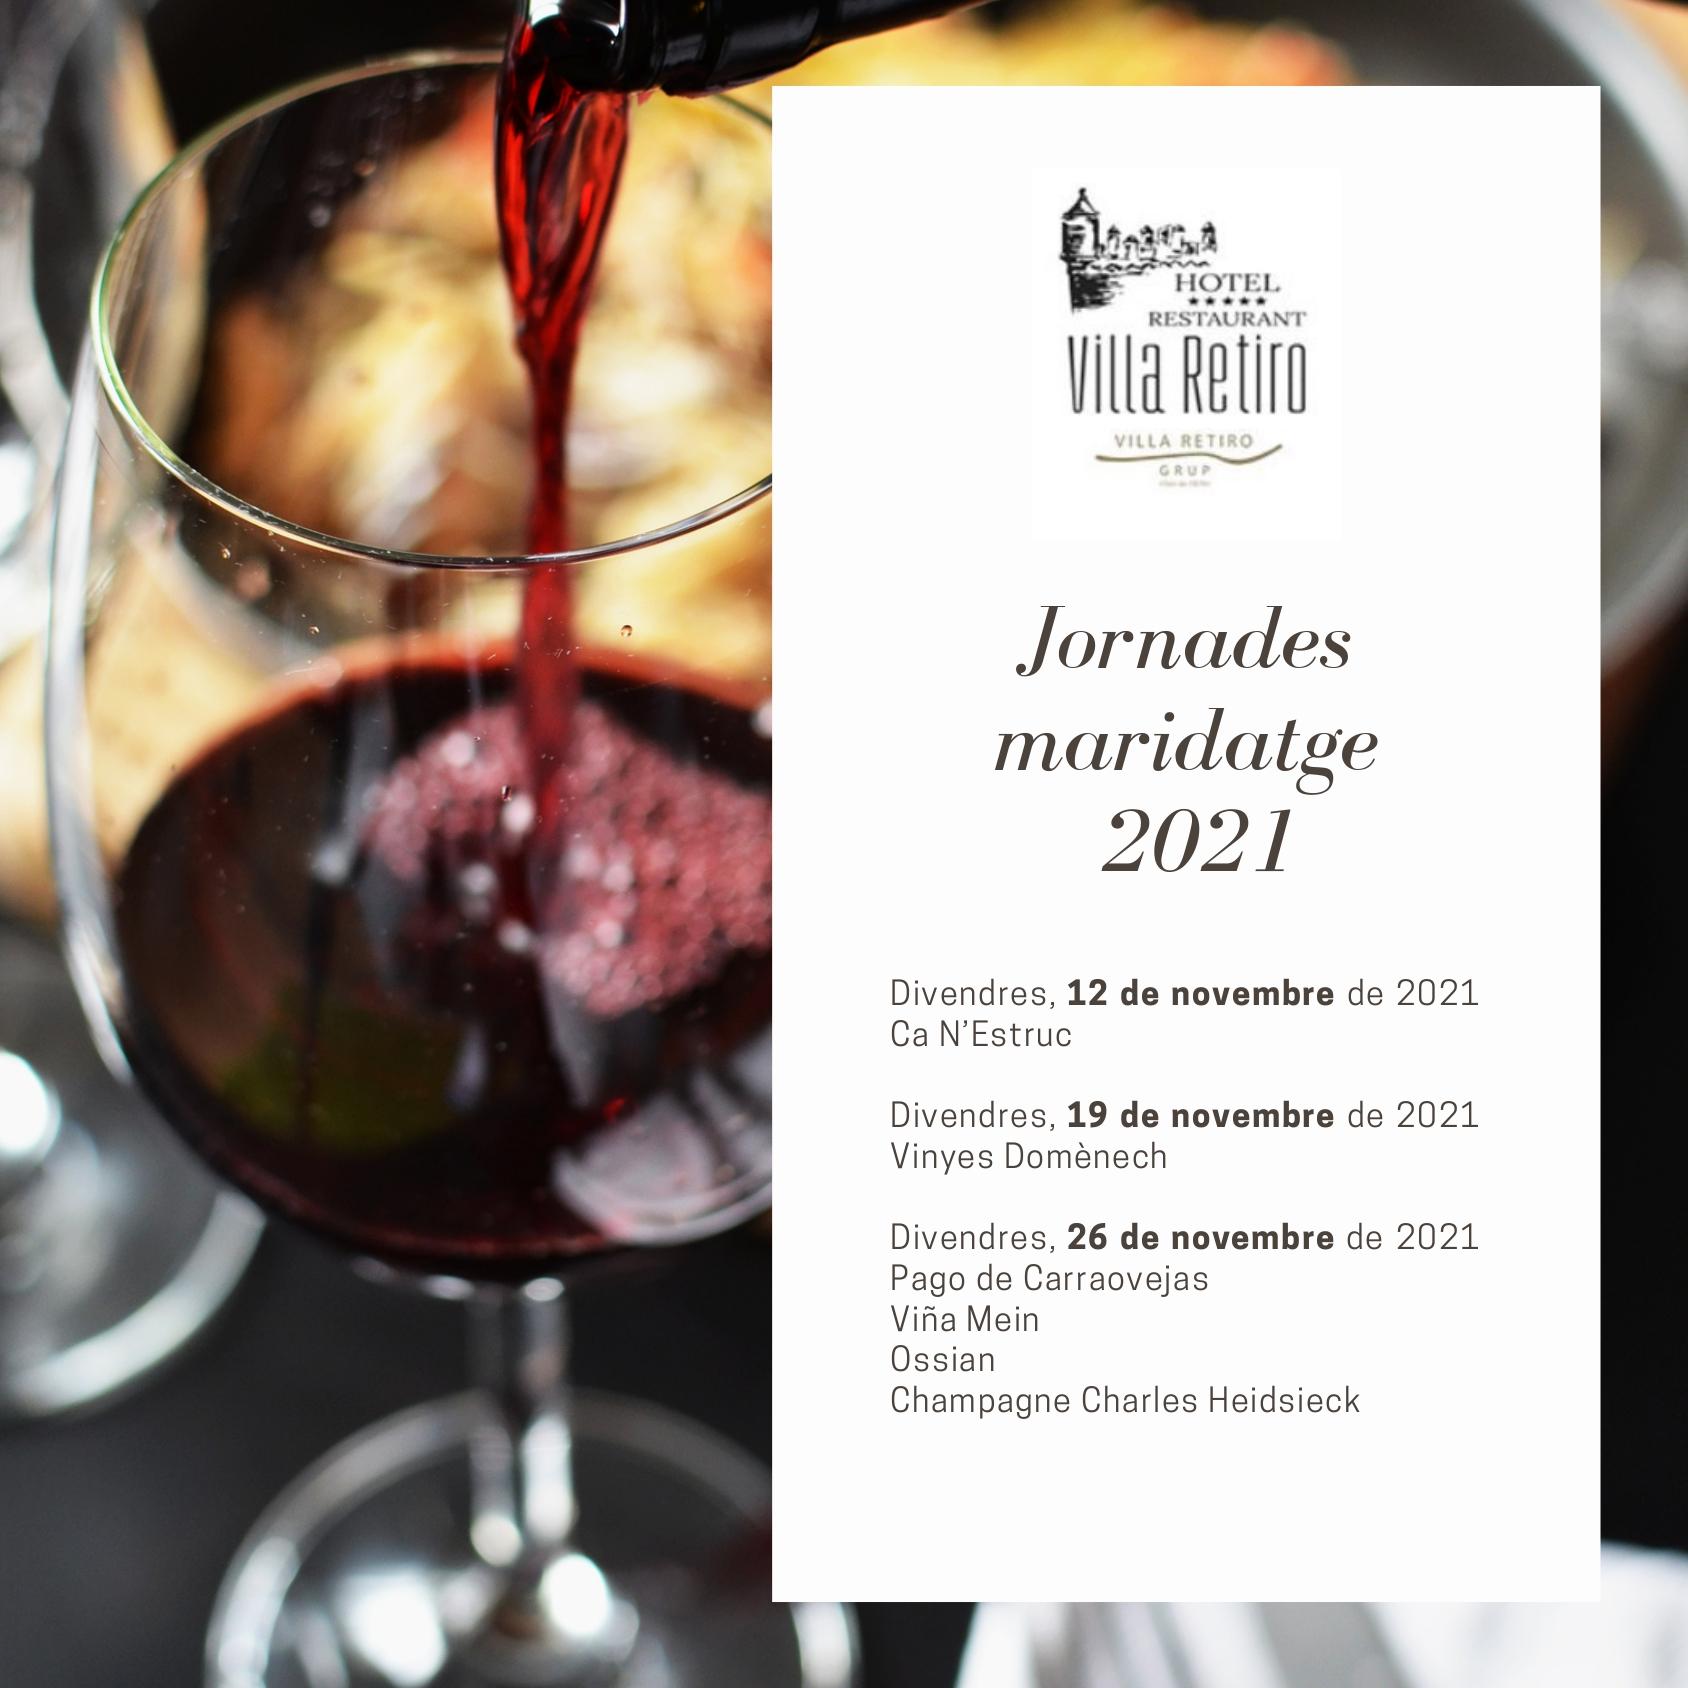 Jornadas Maridaje 2021 Hotel Villa Retiro-Jornades del Maridatge